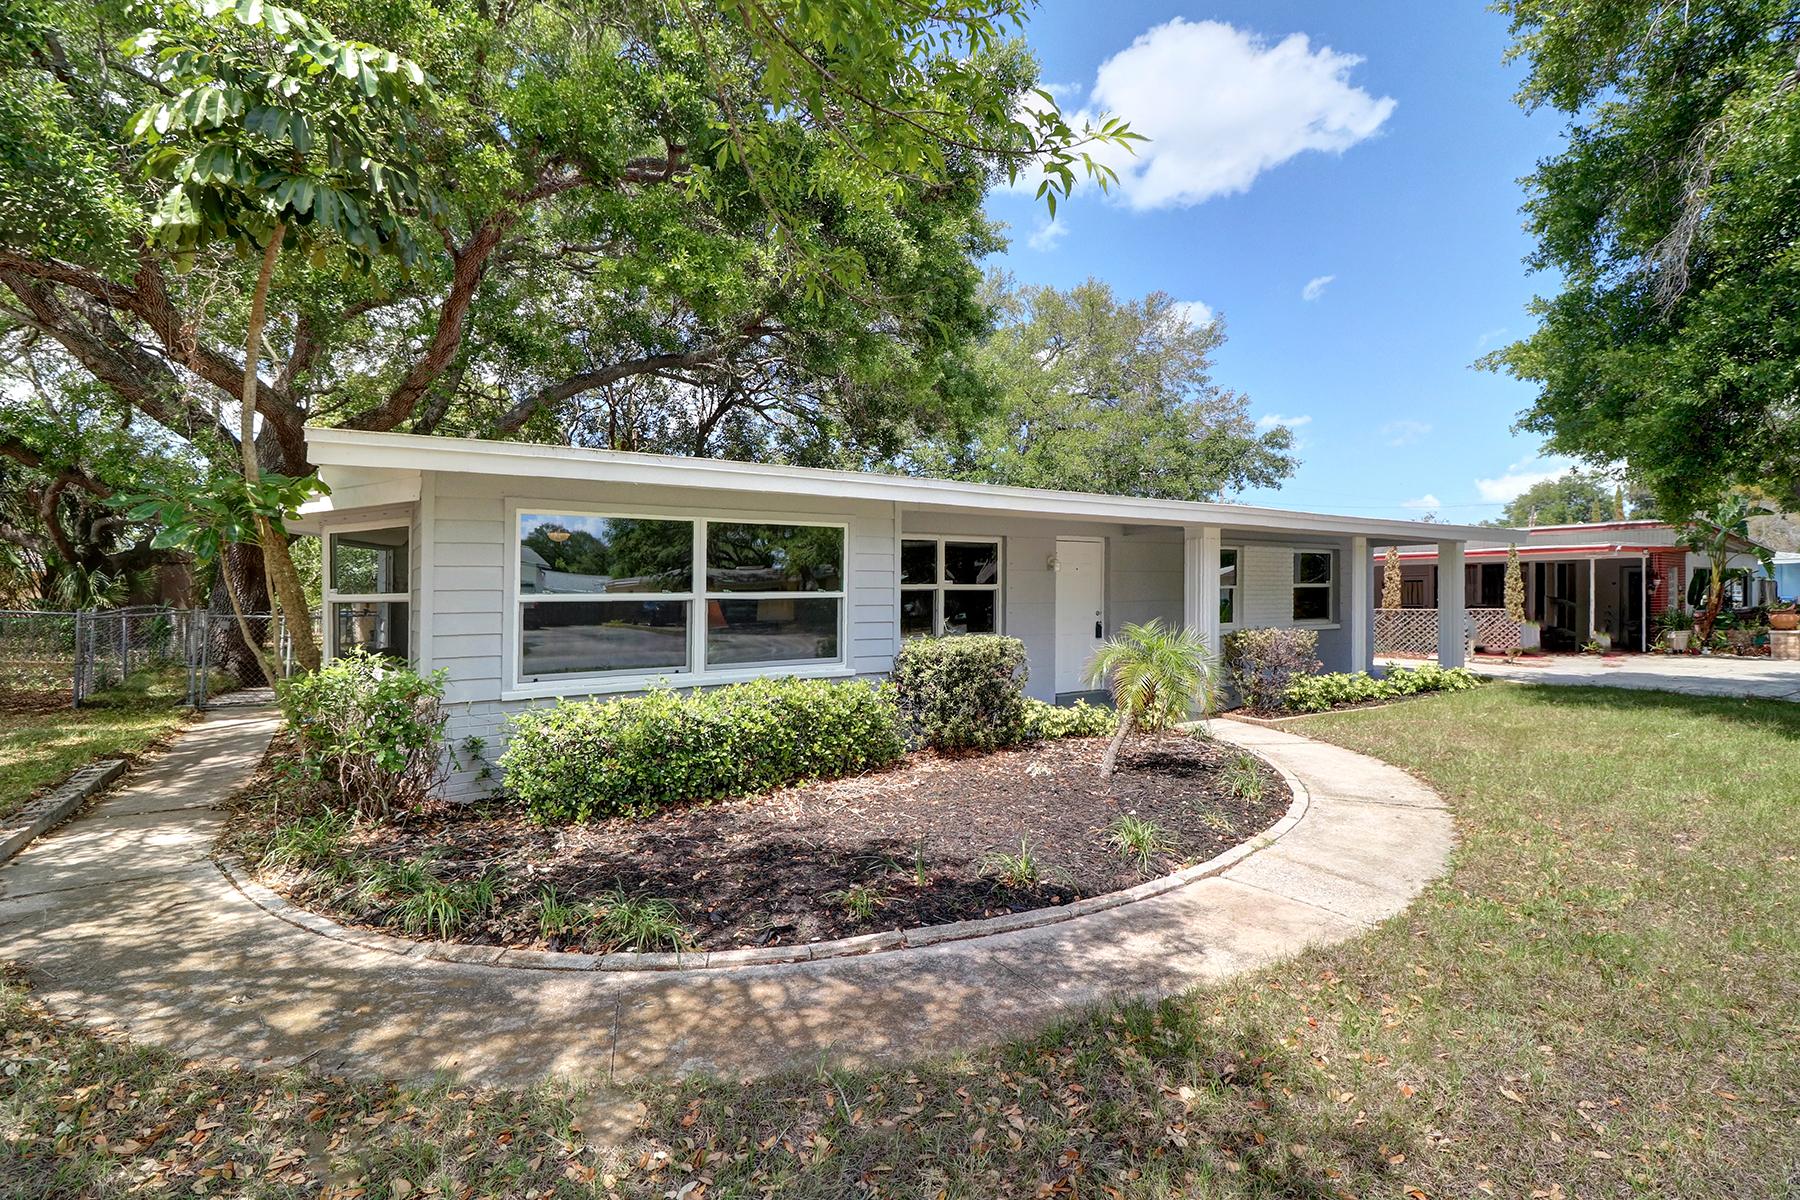 Casa Unifamiliar por un Venta en LARGO 1132 Nolan Dr Largo, Florida, 33770 Estados Unidos